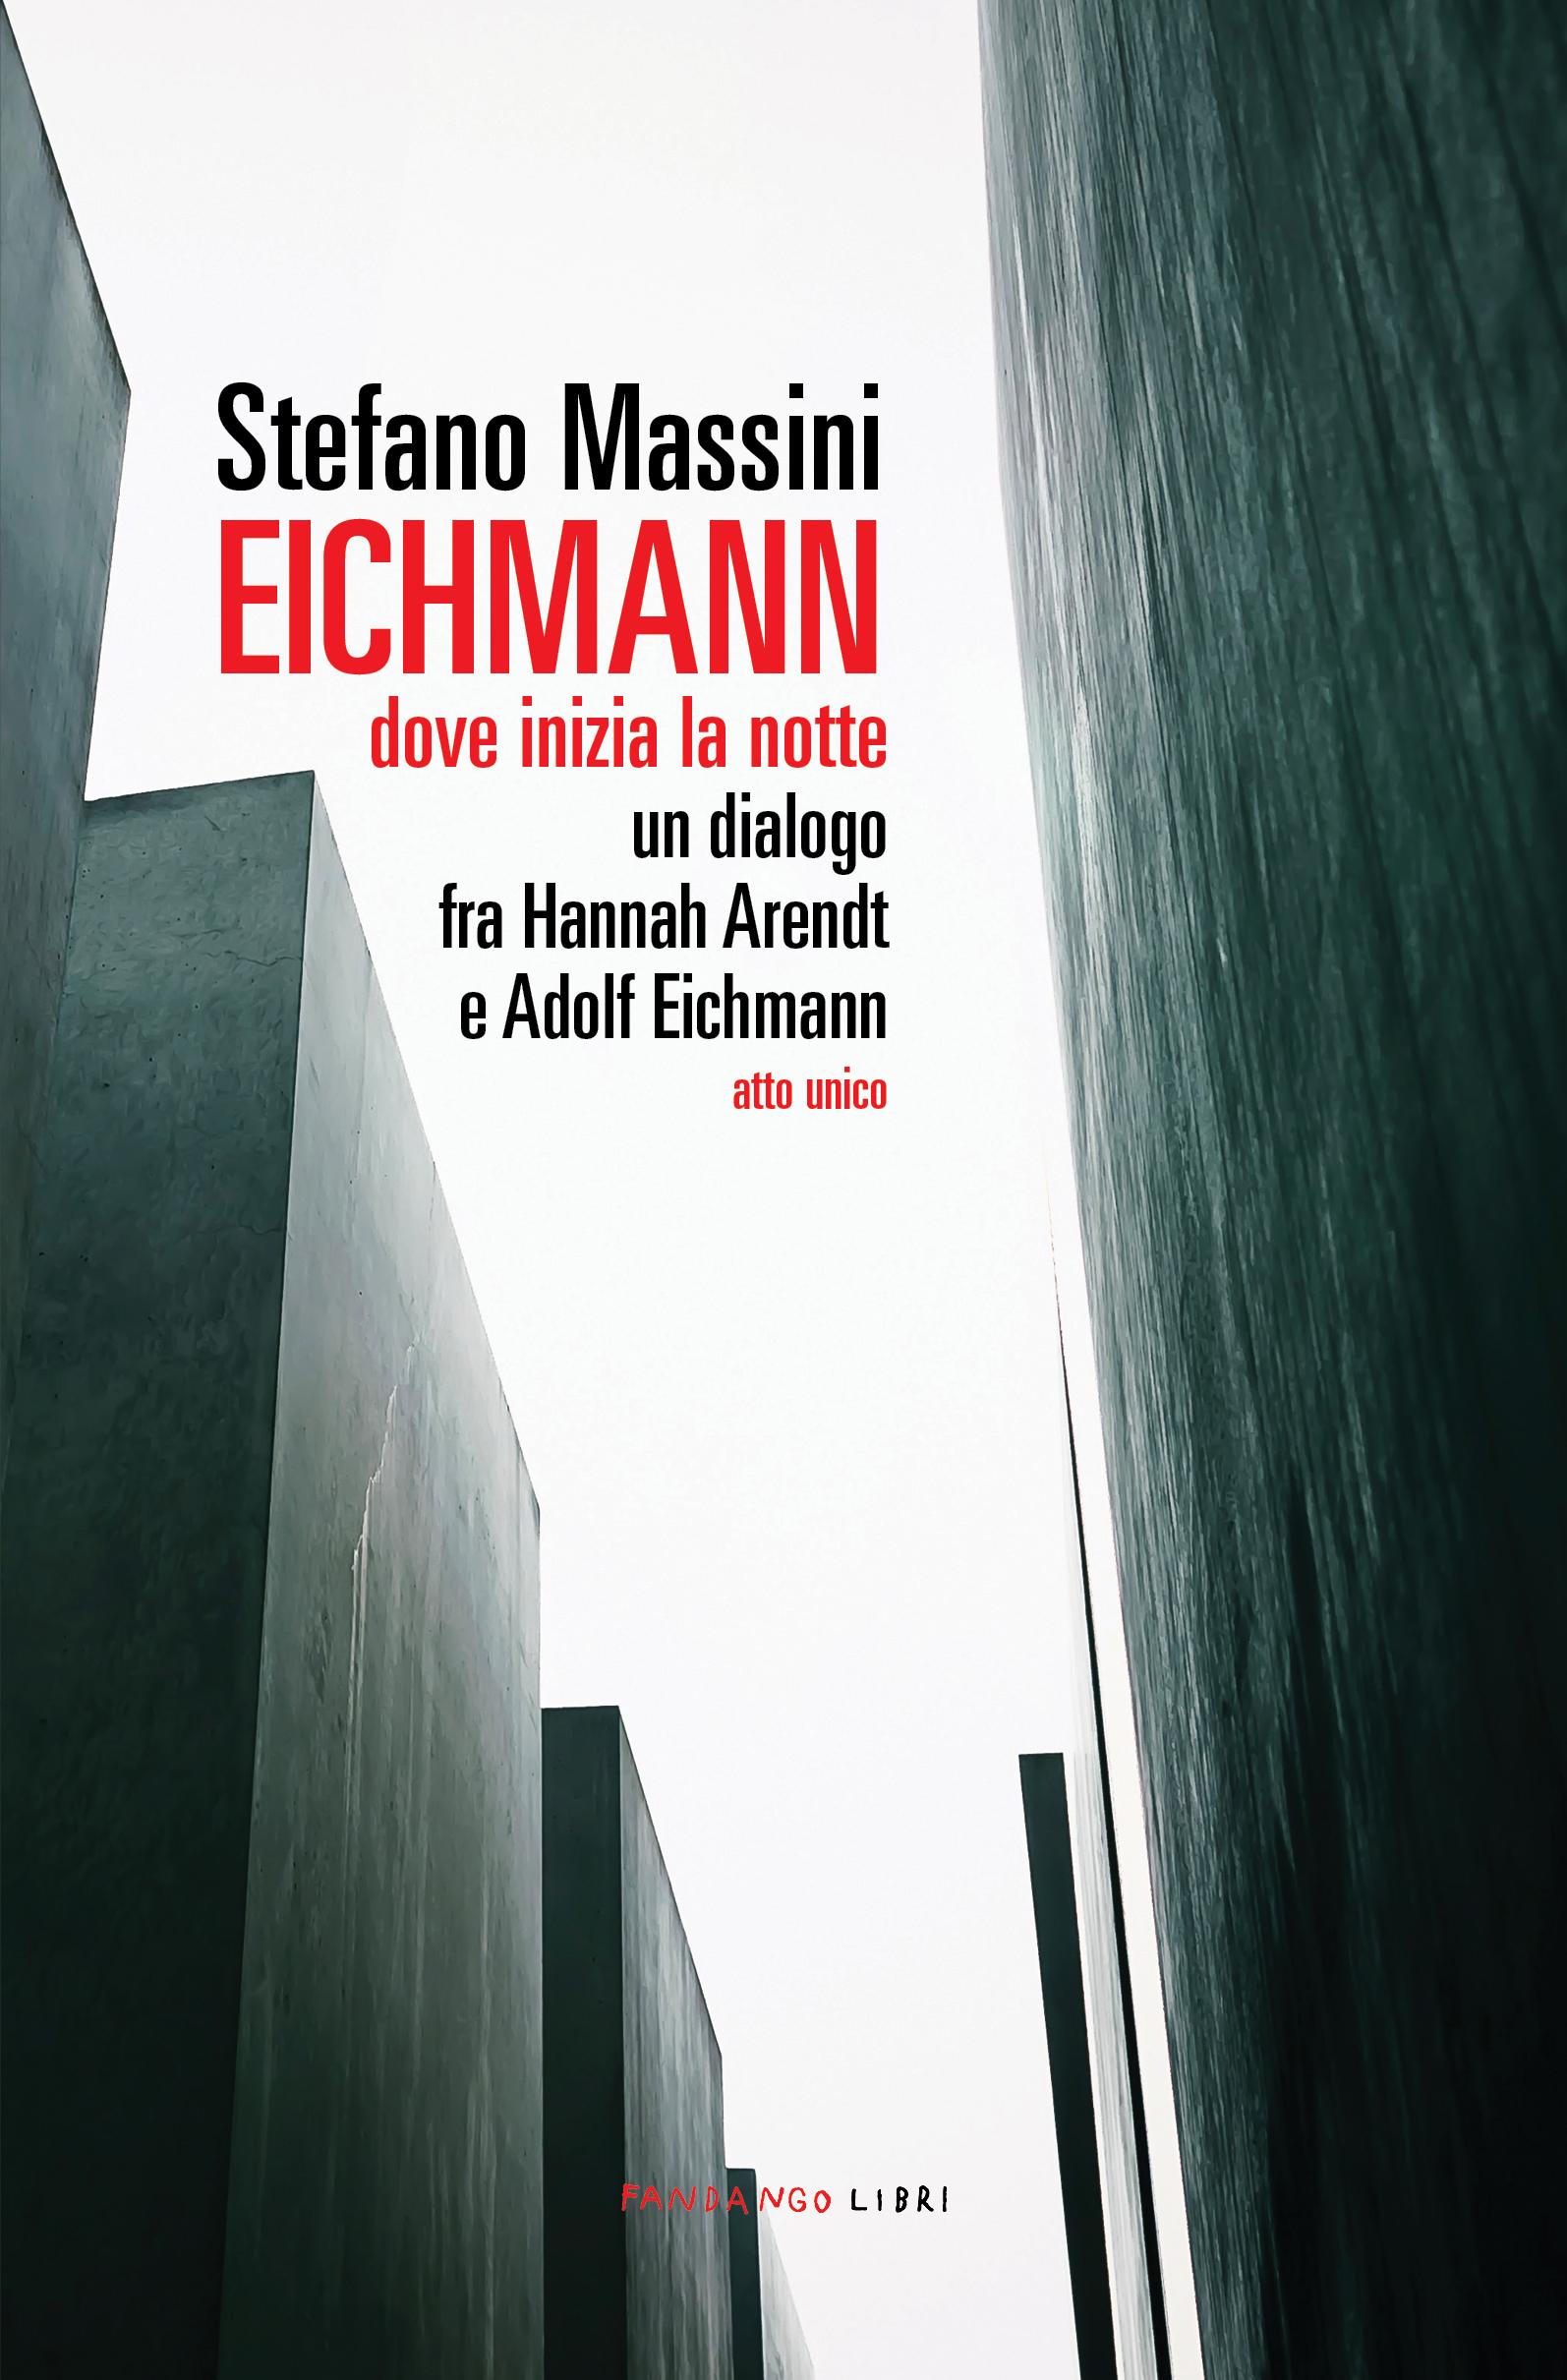 Eichmann: dove inizia la notte